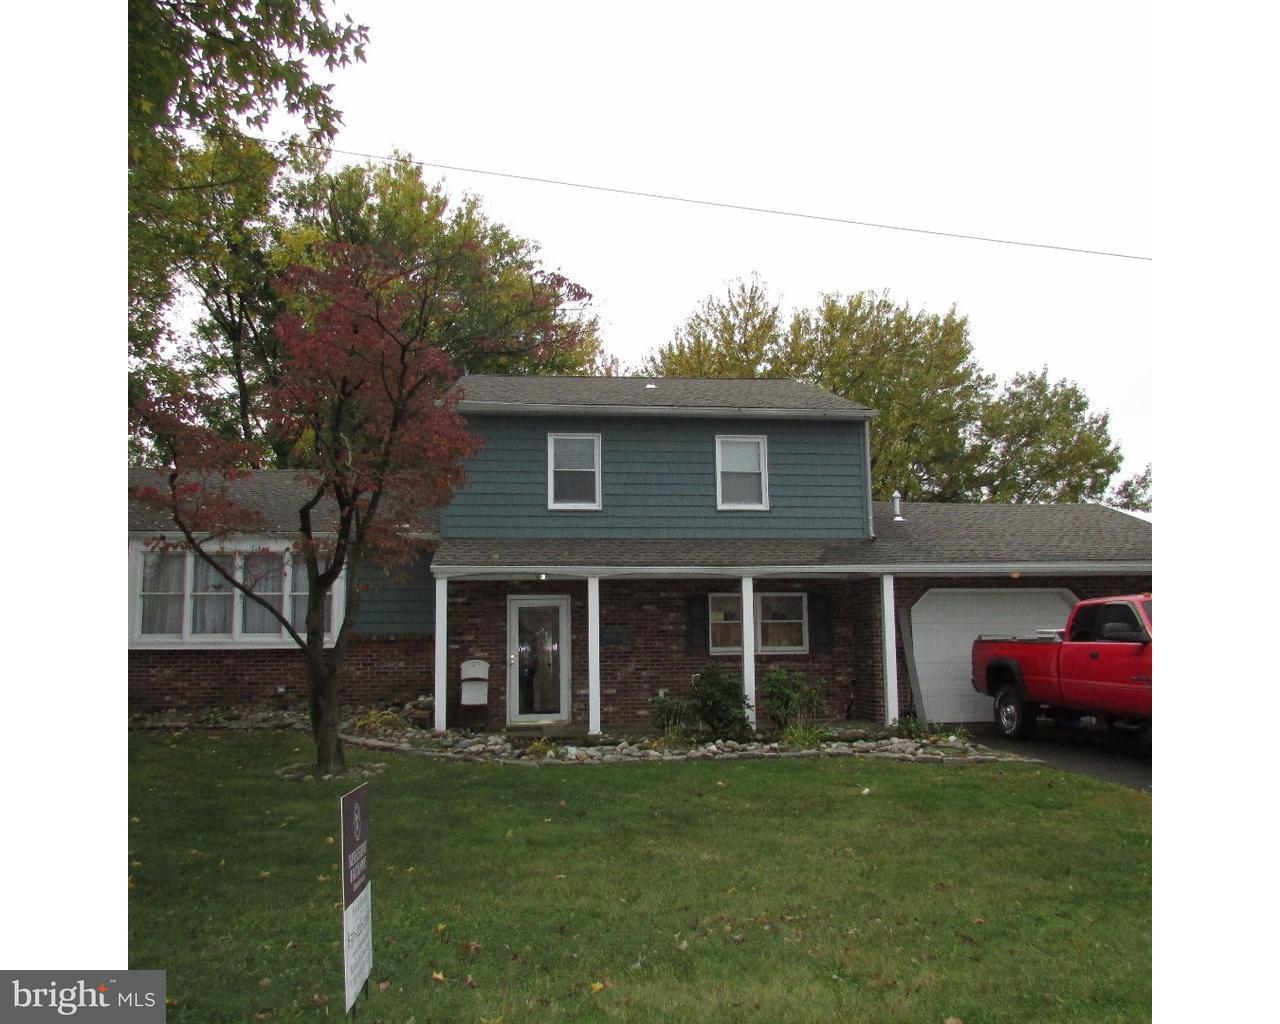 獨棟家庭住宅 為 出售 在 110 TIMBER BLVD Brooklawn, 新澤西州 08030 美國